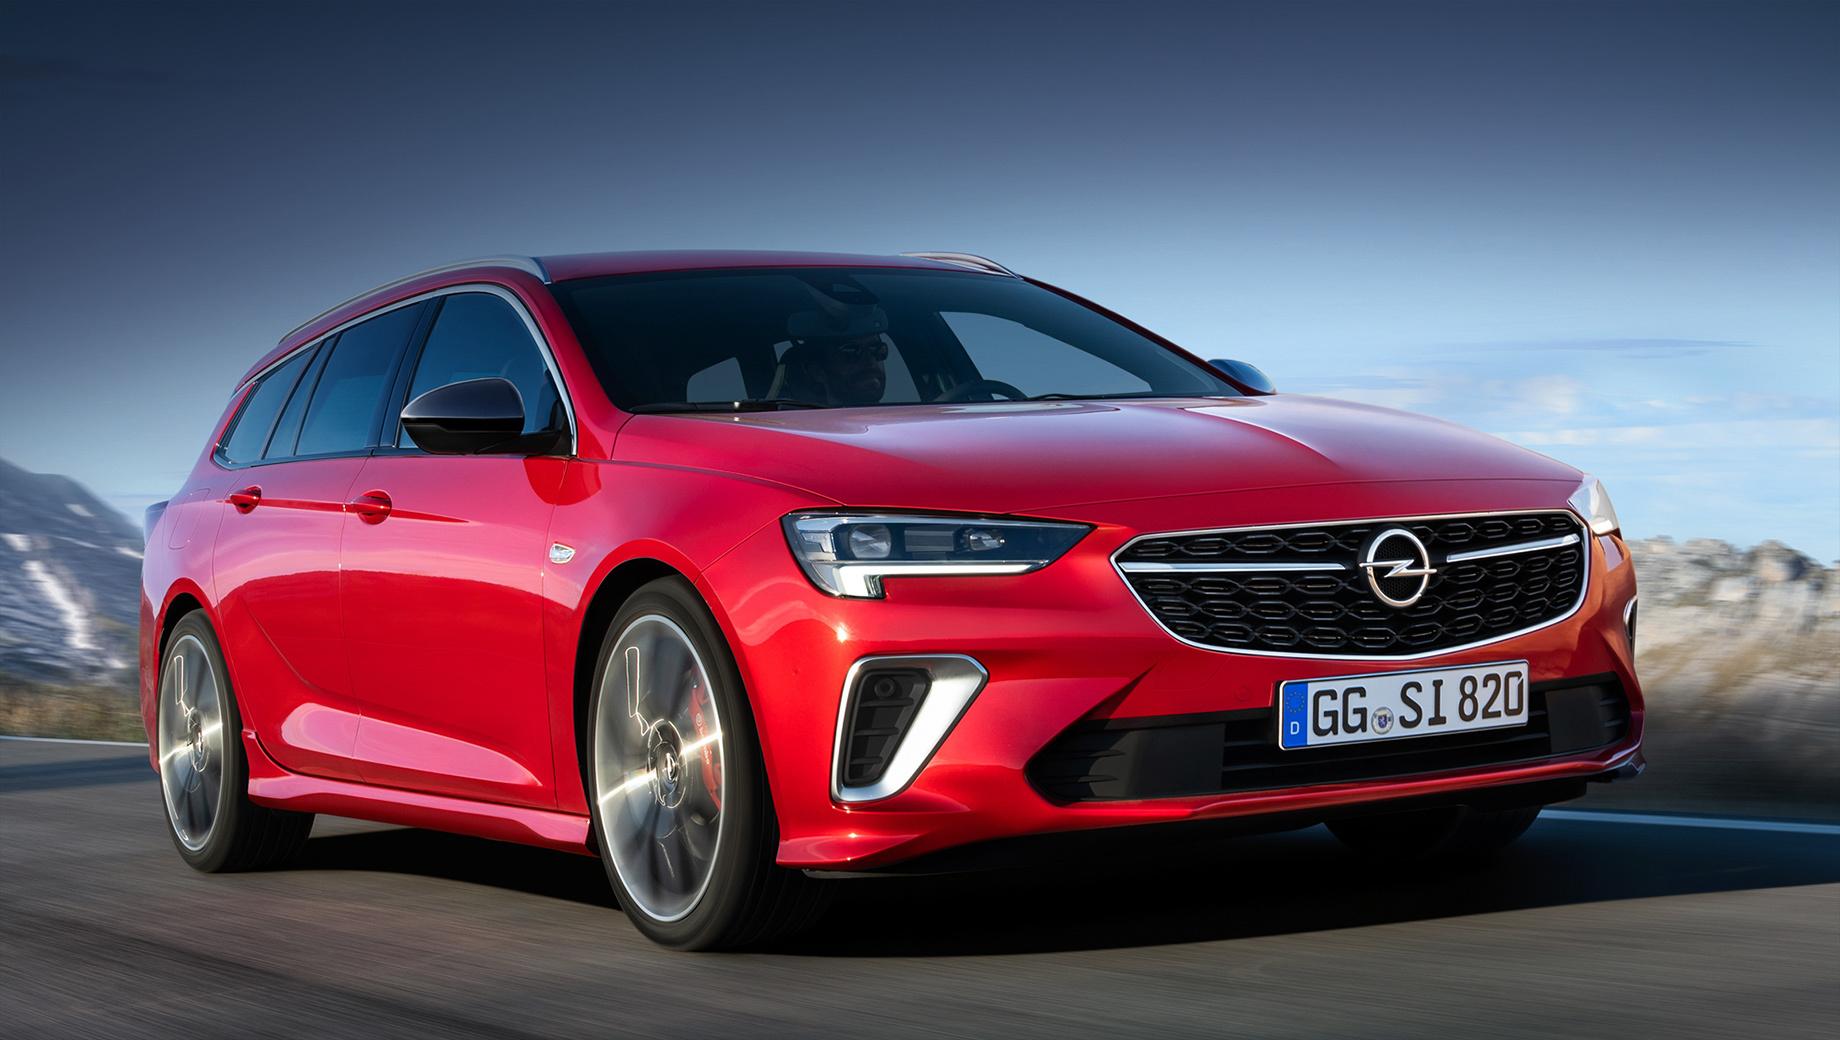 Opel insignia,Opel insignia gsi,Opel insignia gsi sports tourer. Шильдик GSi получил не только хэтч Grand Sport, но и универсал Sports Tourer (на фото). Новые фары IntelliLux LED Pixel Light со 168 светодиодами дополнены доработанной решёткой с активными закрылками и изменённым бампером с «саблезубыми» воздуховодами.